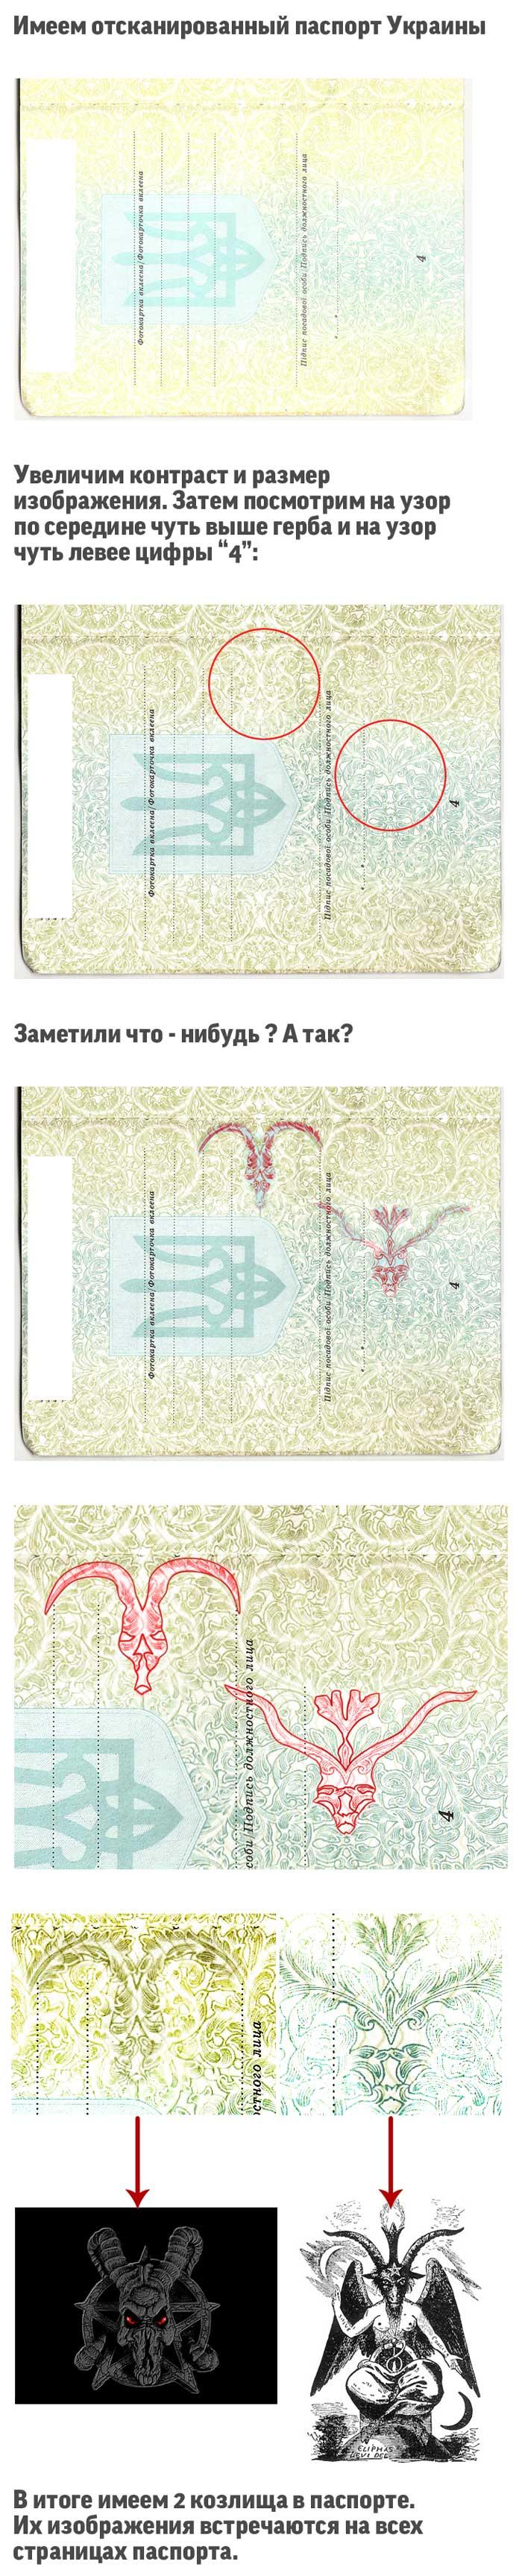 Авто-Логотипы. Интересные закономерности. - Страница 2 1355035408_pasport-ukrainy